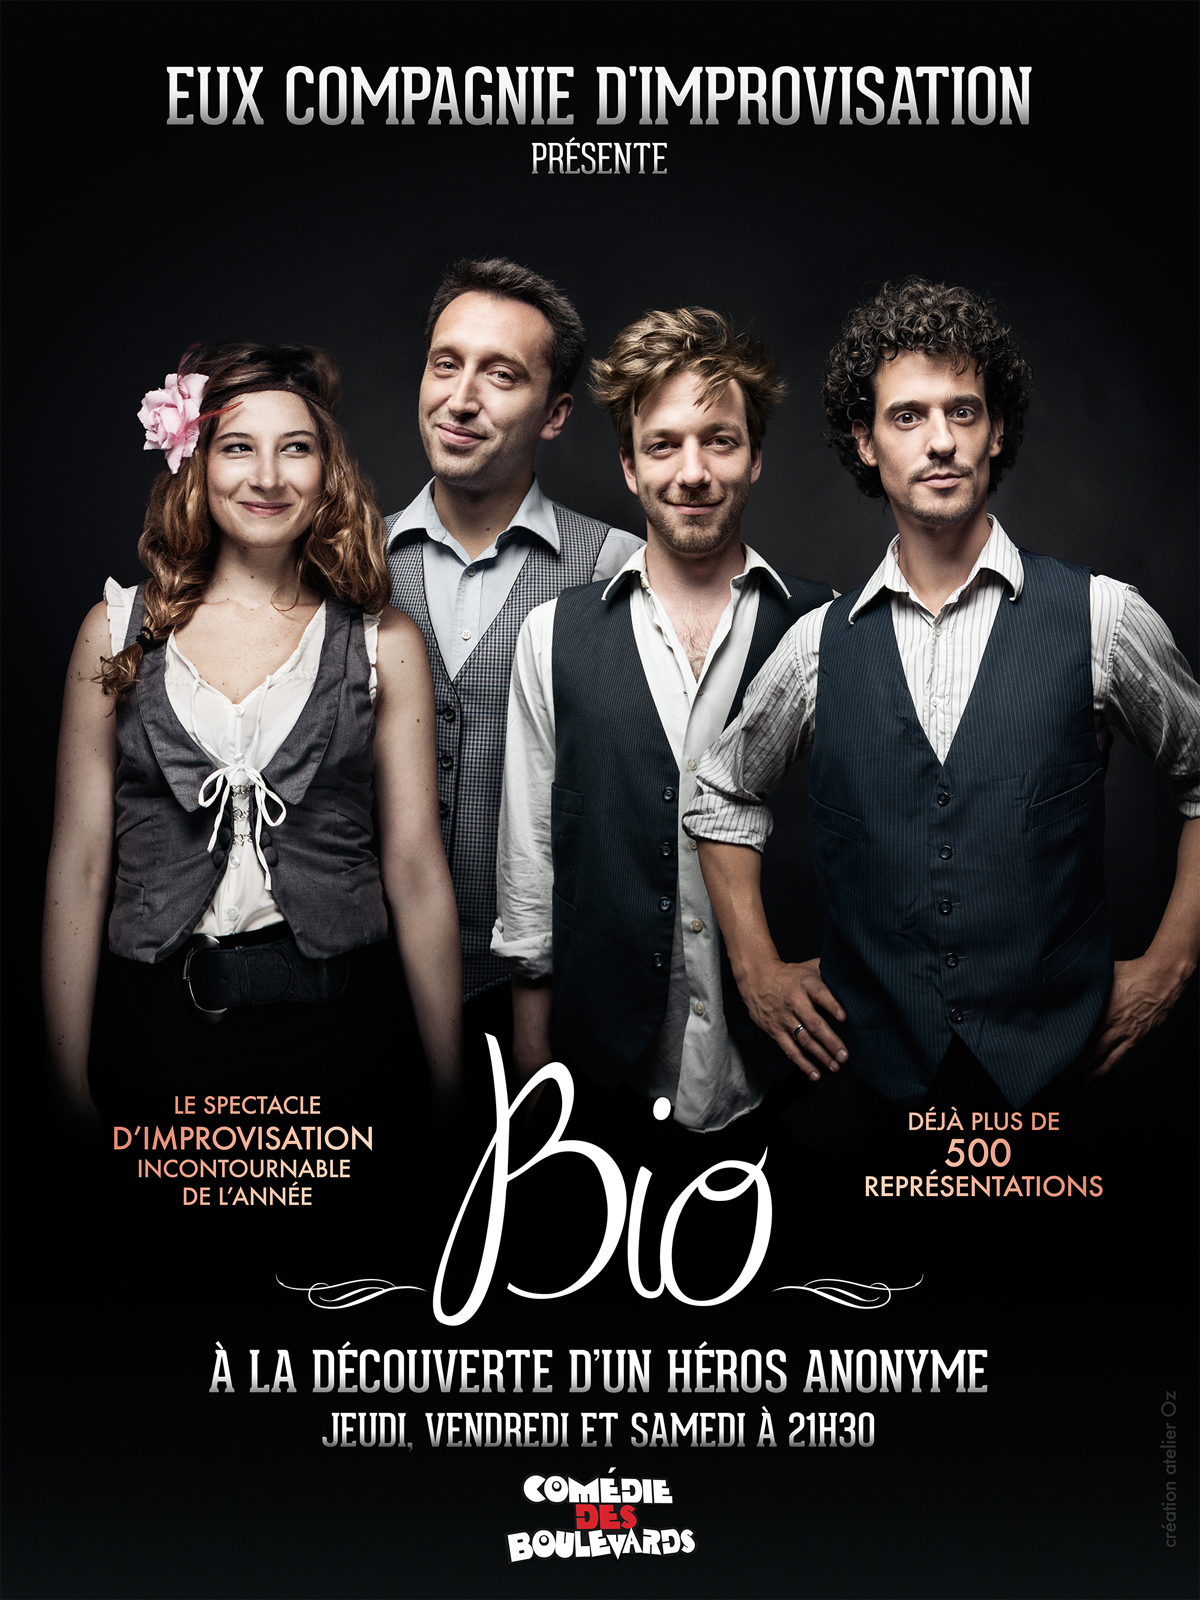 Bio spectacle de la compagnie d improvisation EUX affiche Comédie des Boulevards Paris avec Jeanne Loïc Nabla Timothée humour